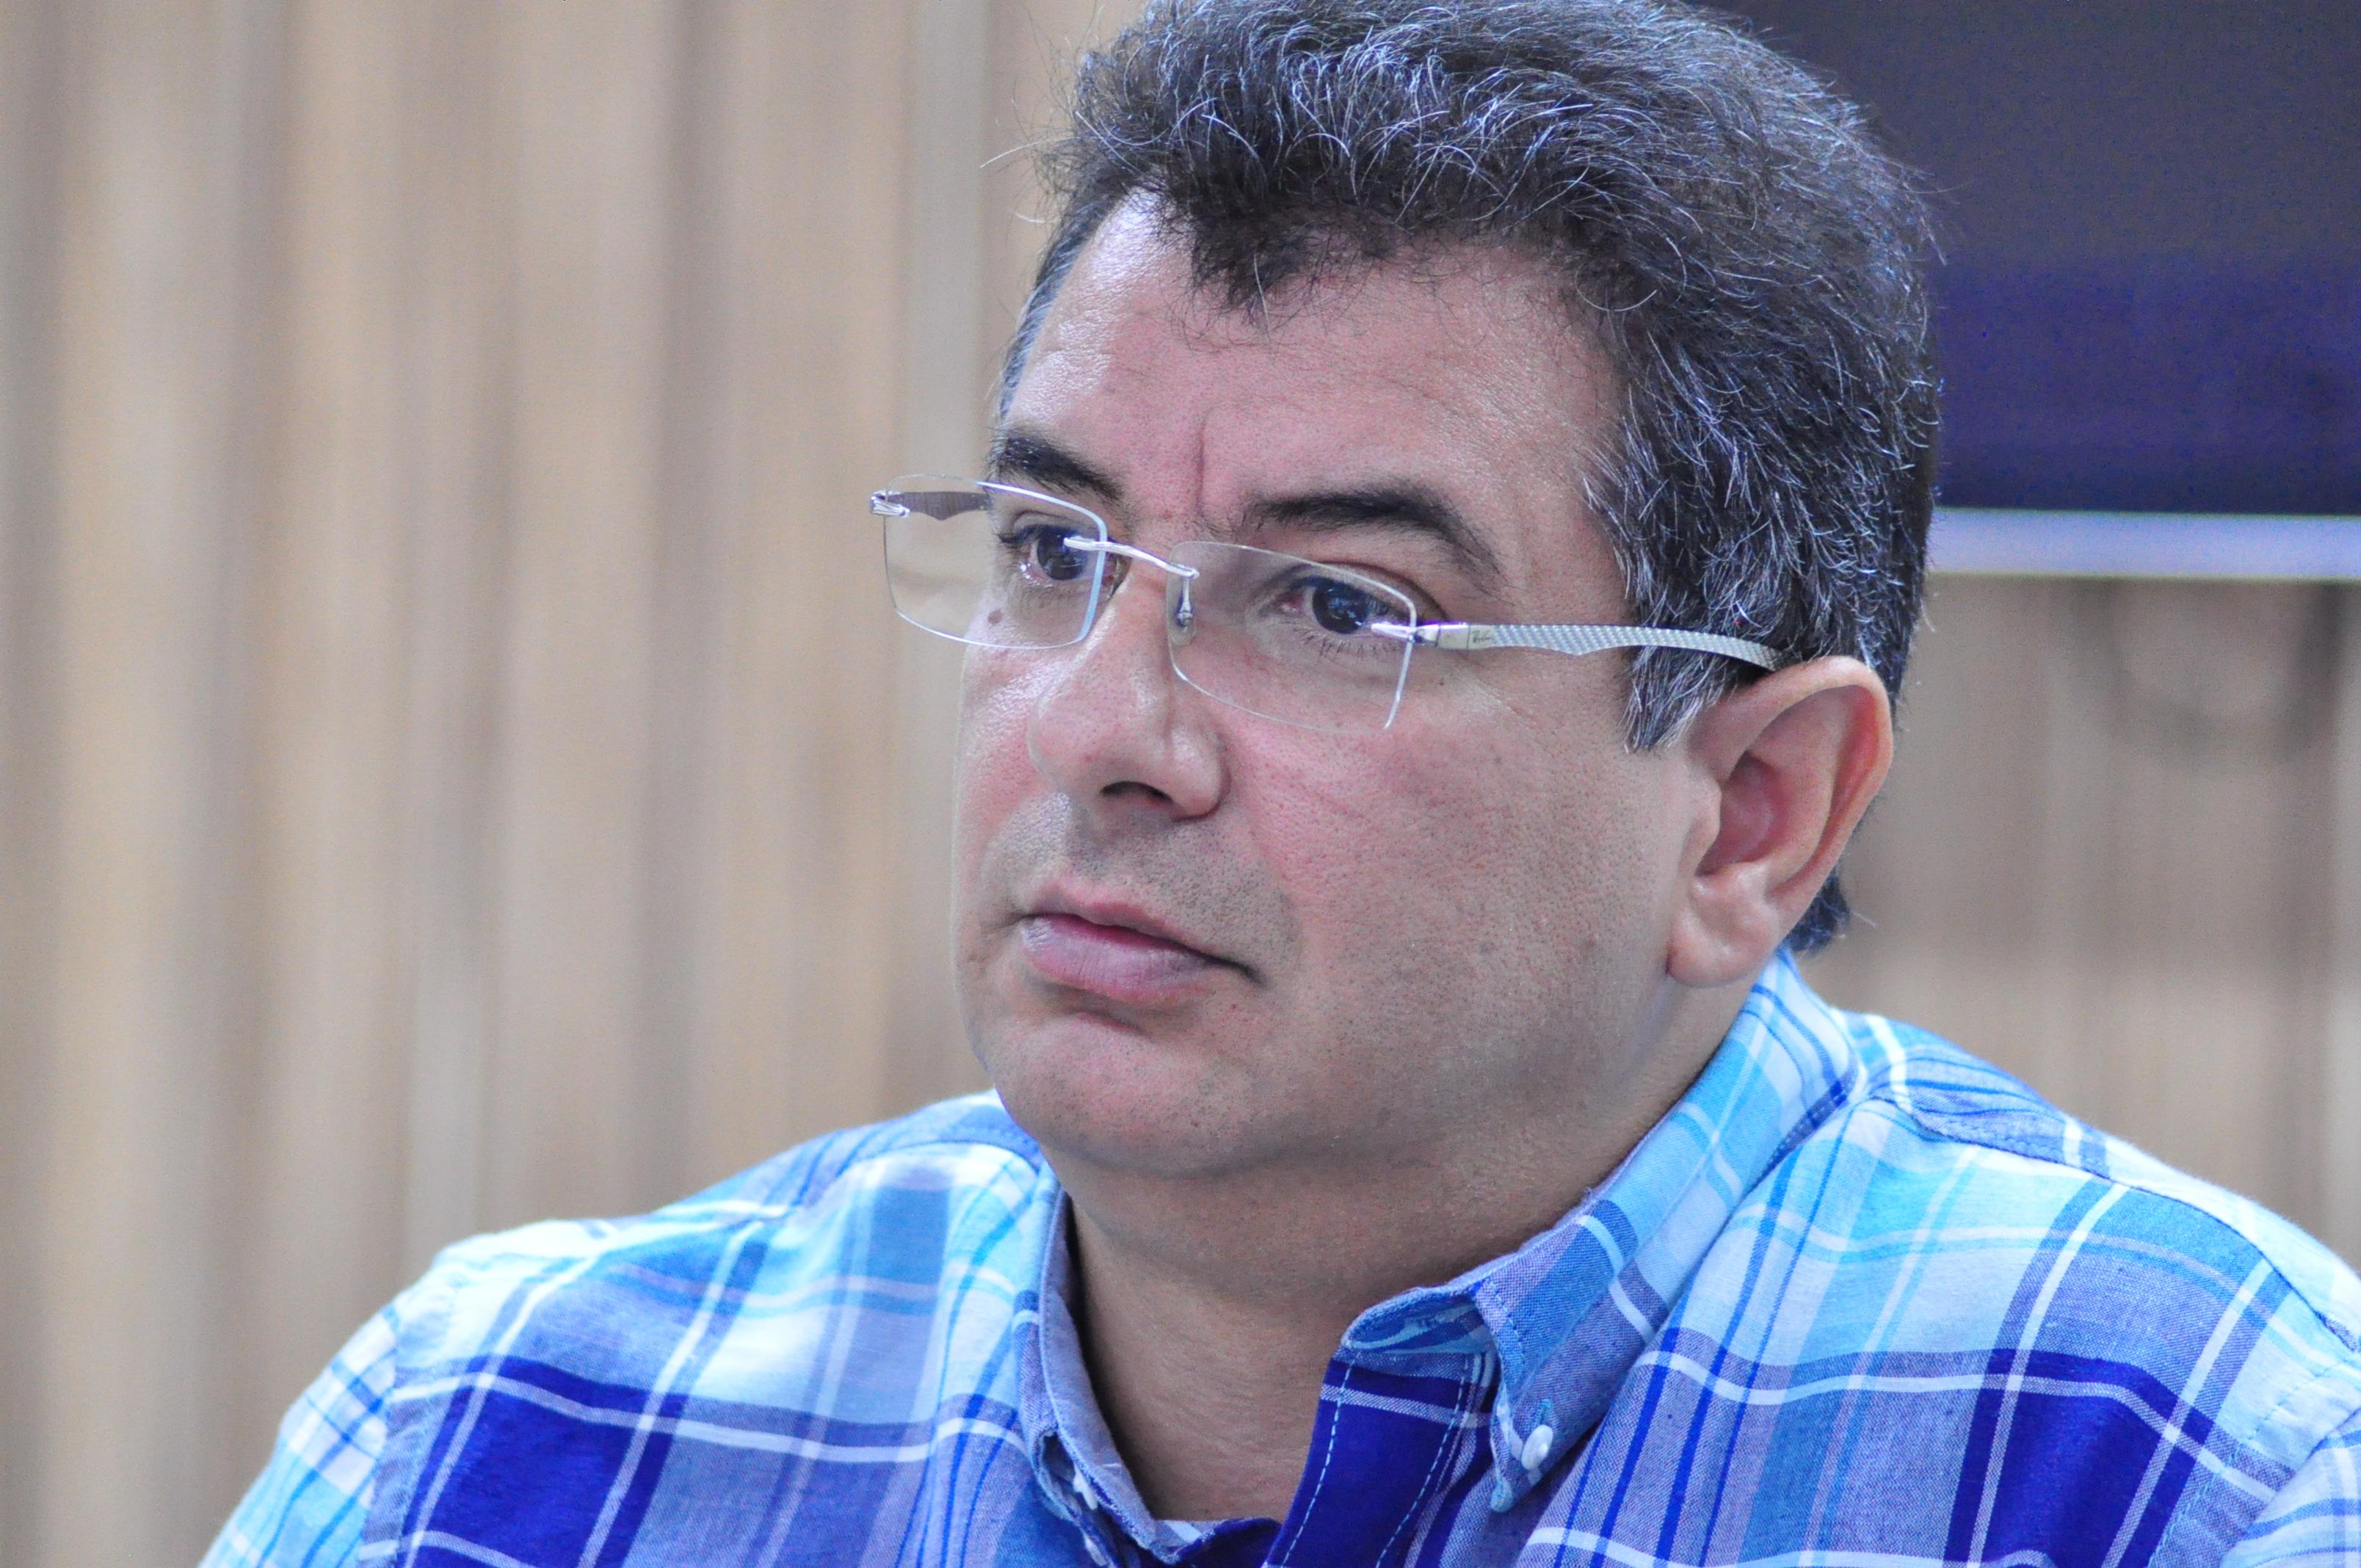 José Vieira Faern 52